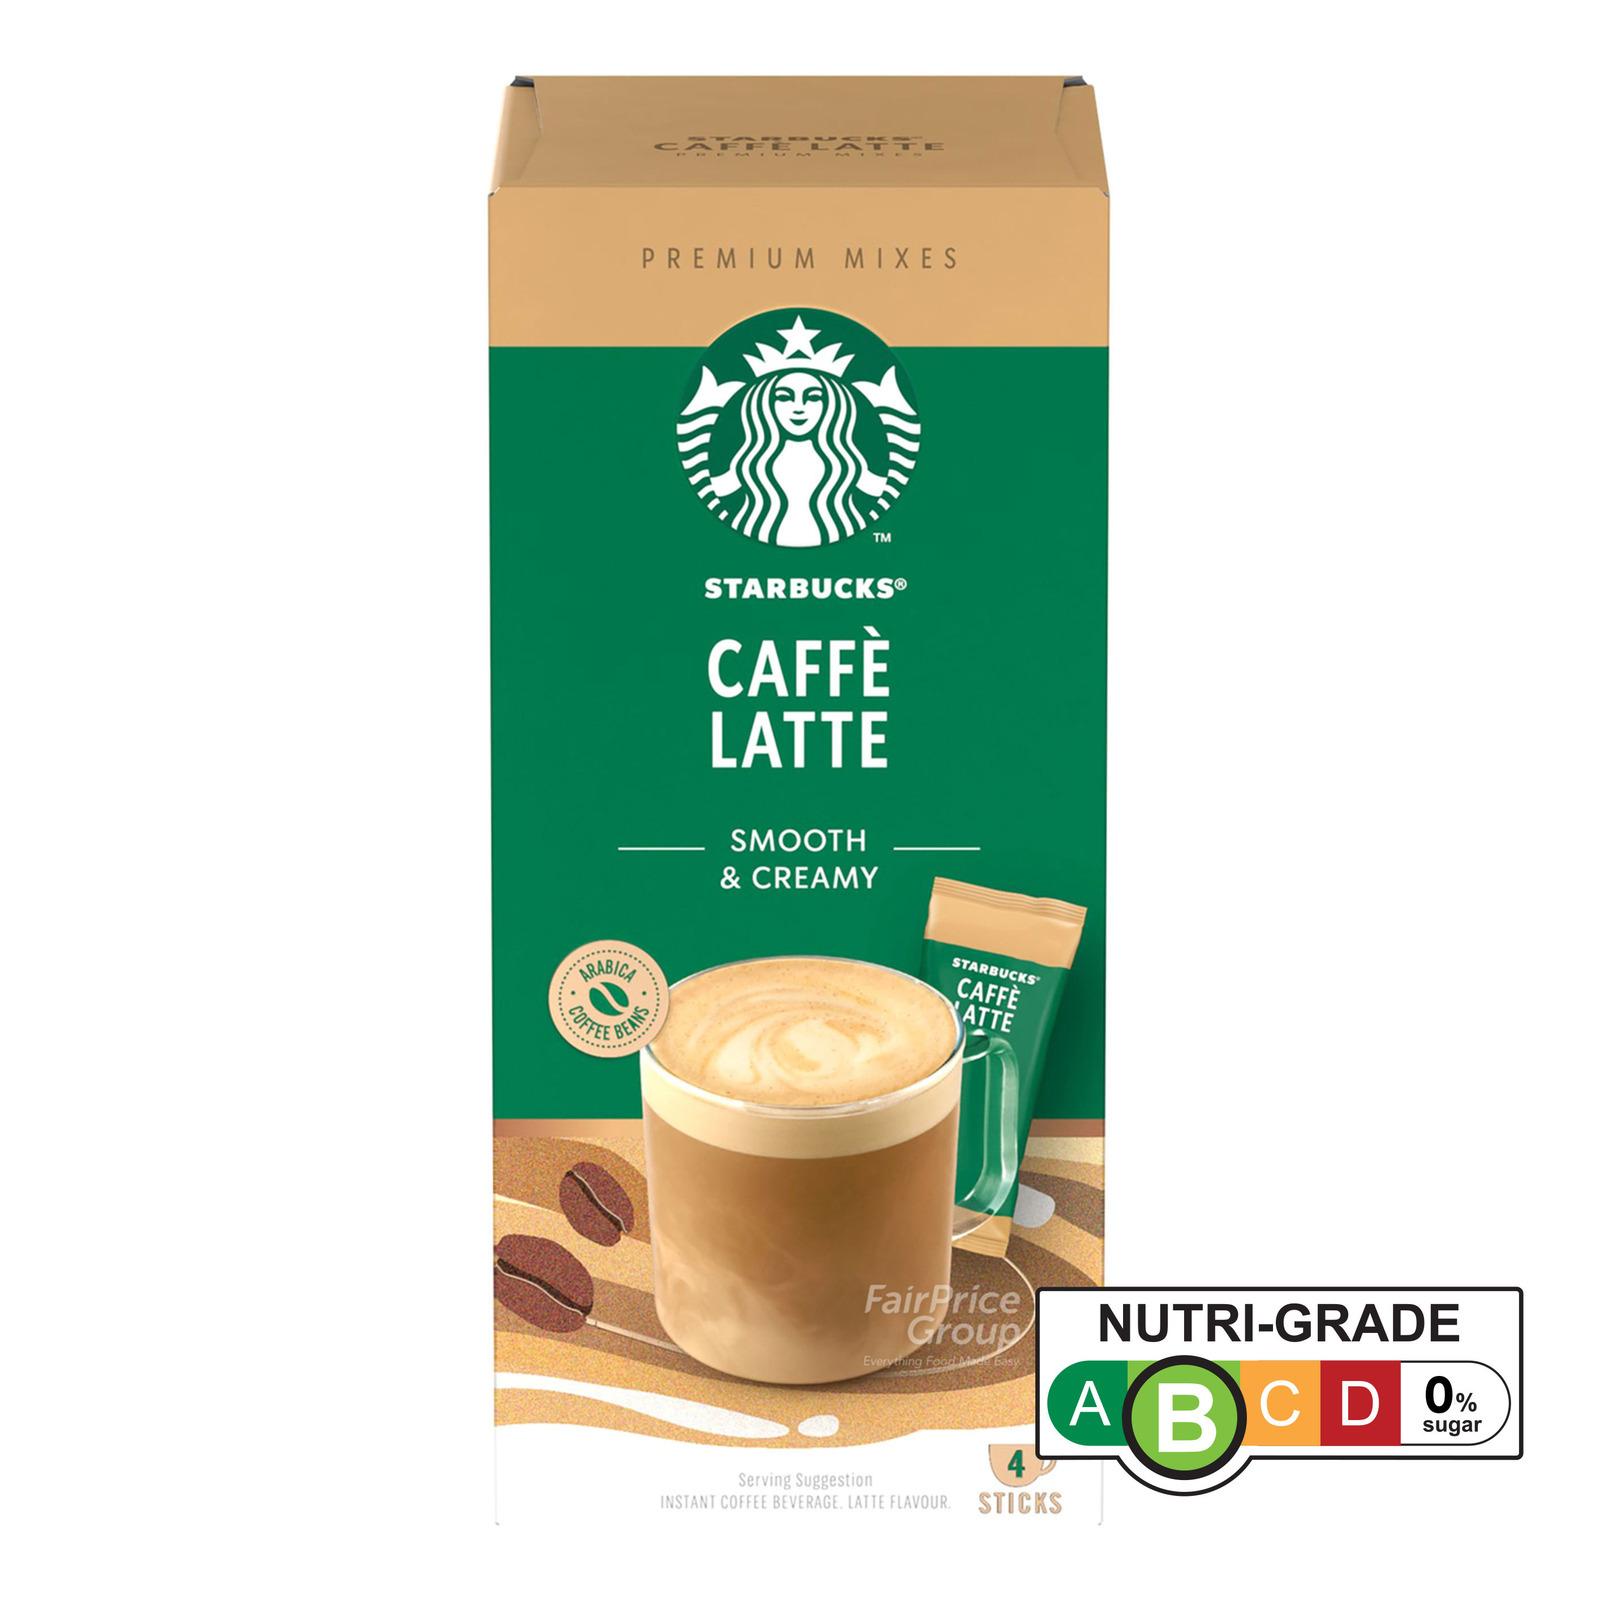 Starbucks Instant Premium Mixes - Caffe Latte